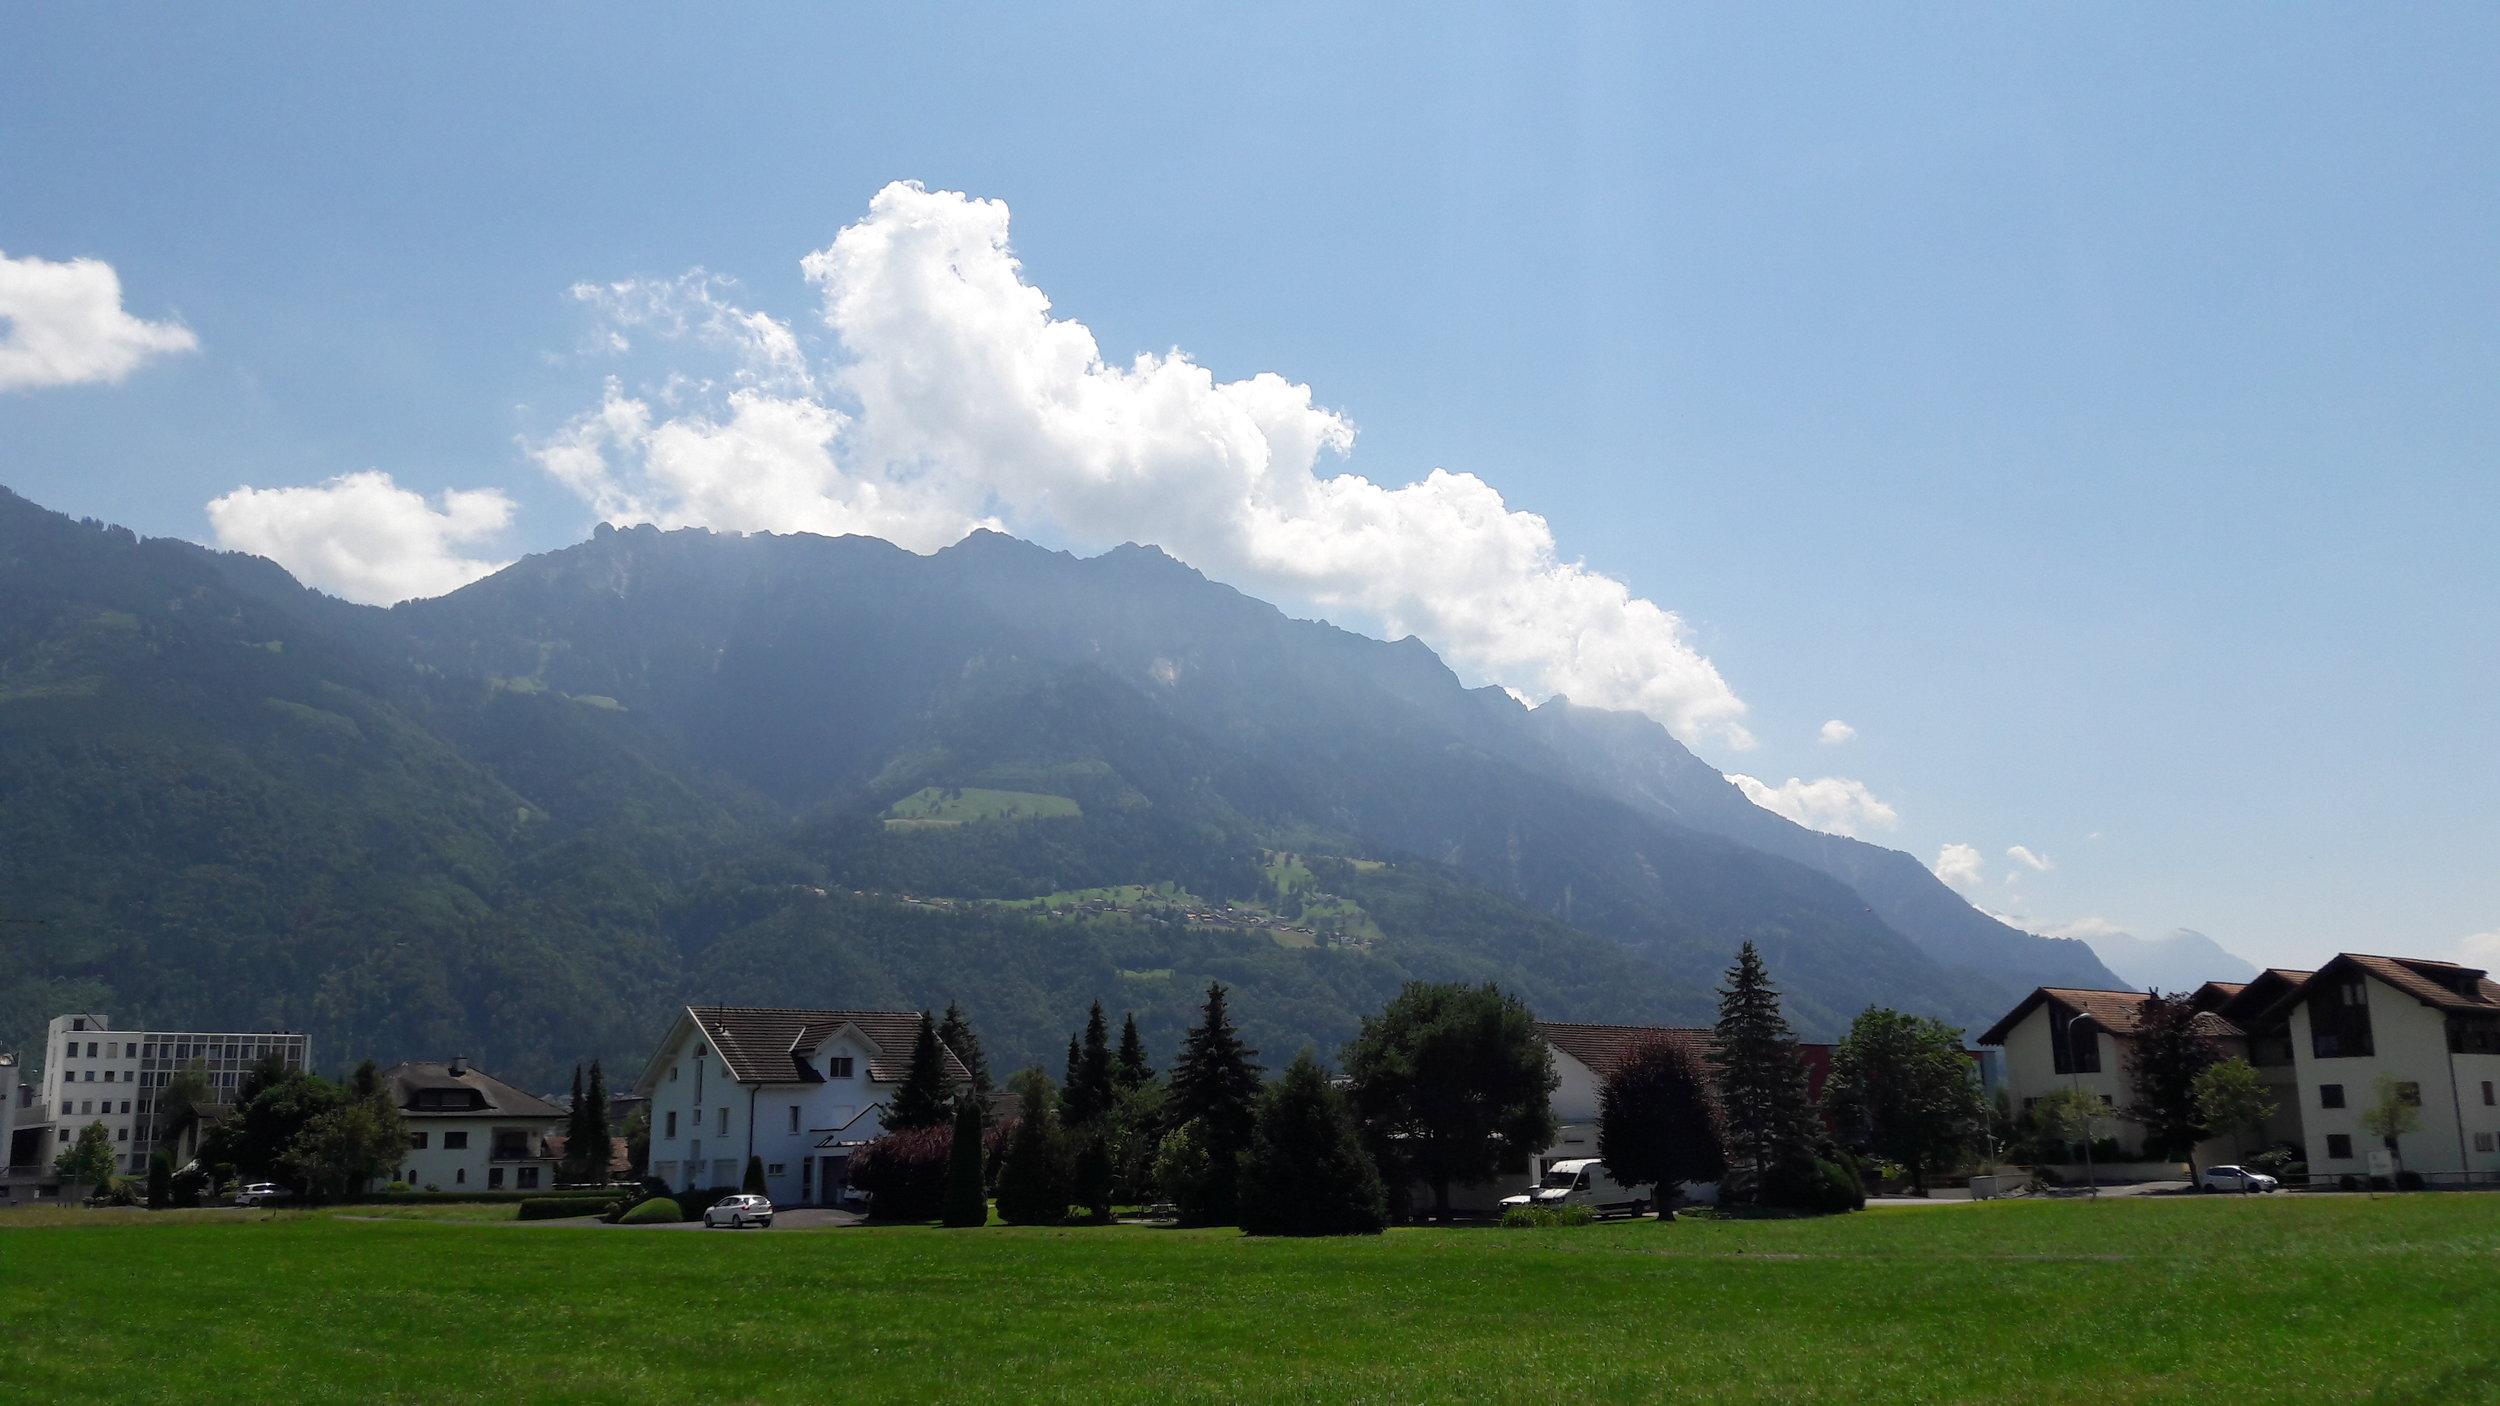 Liechtensteiner views